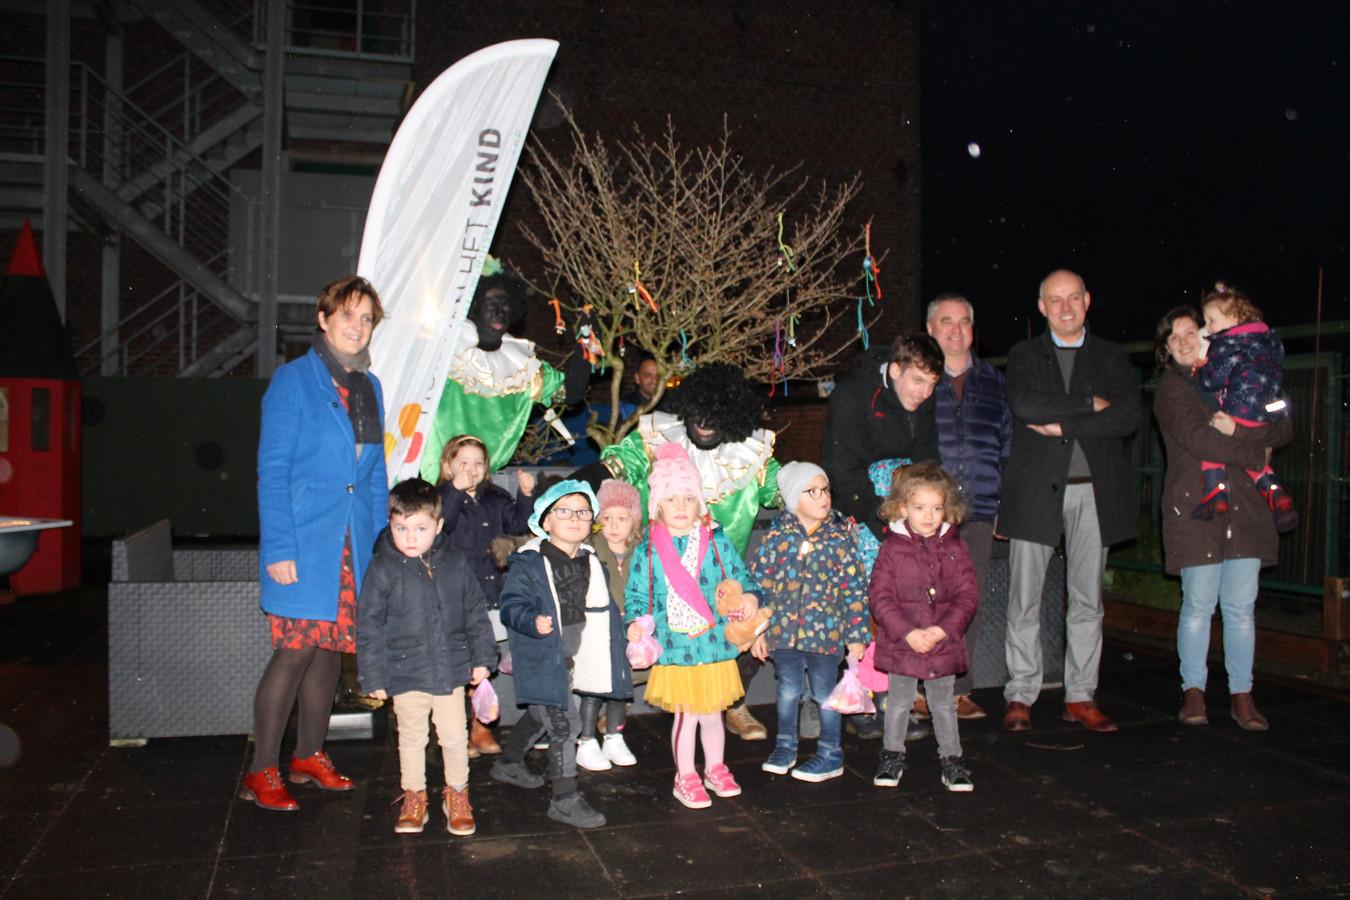 De inhuldiging van de tutjesboom door schepen van Sociale Zaken Lieve Germonprez, burgemeester Dirk Verwilst, enkele Zwarte Pieten en de kinderen.